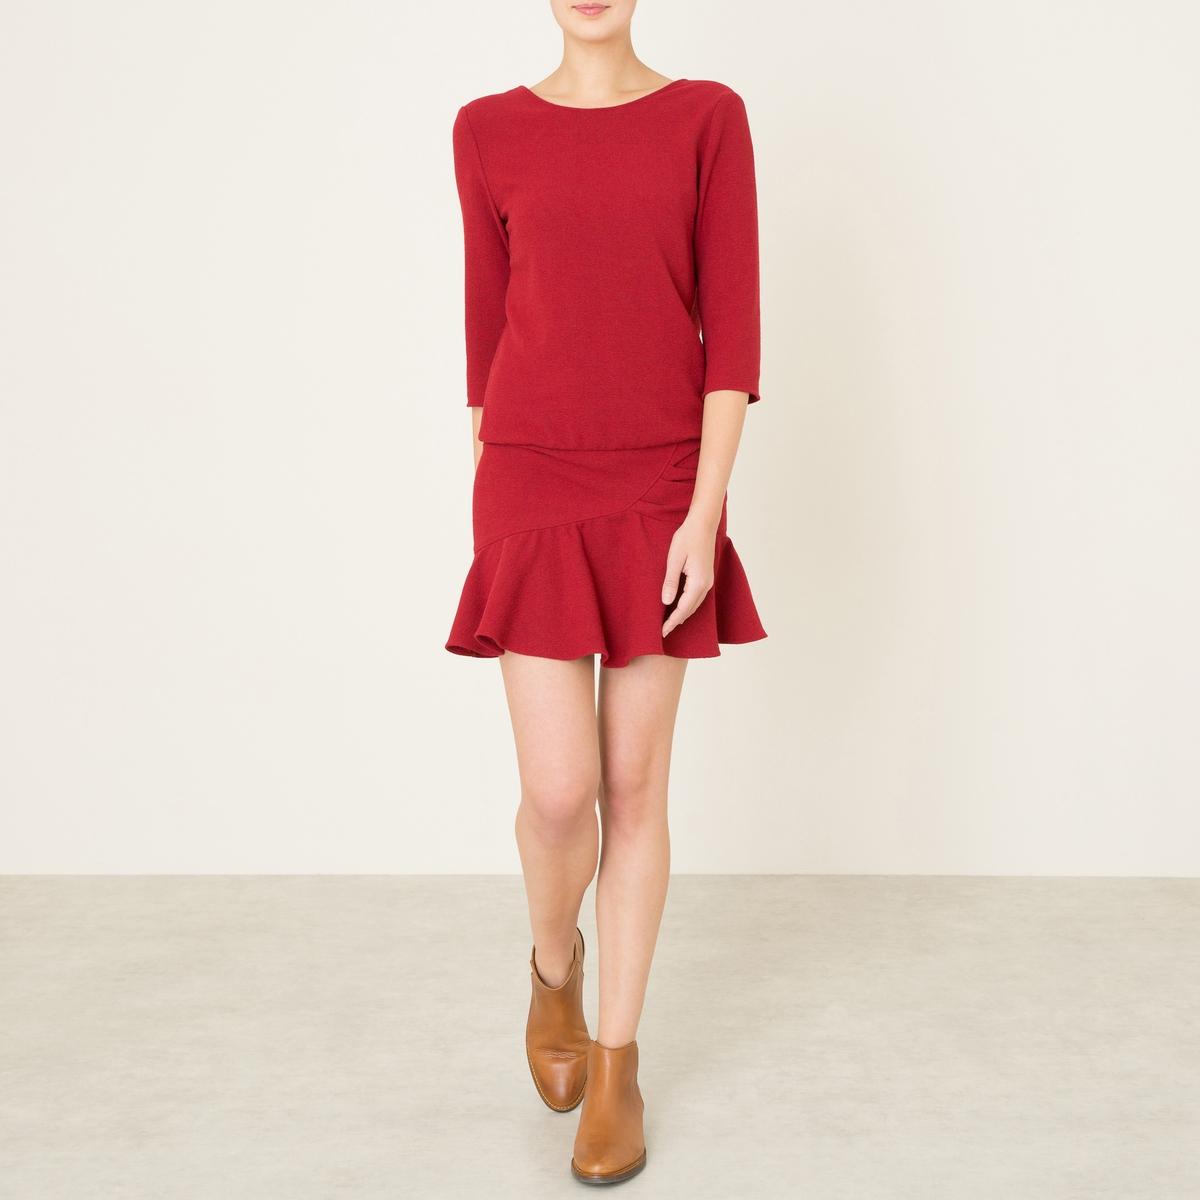 Платье ISLAСостав и описание    Материал : 49% полиэстера, 30% вискозы, 20% шерсти, 1% эластана   Длина : 62 см   Марка : BA&amp;SH<br><br>Цвет: бордовый